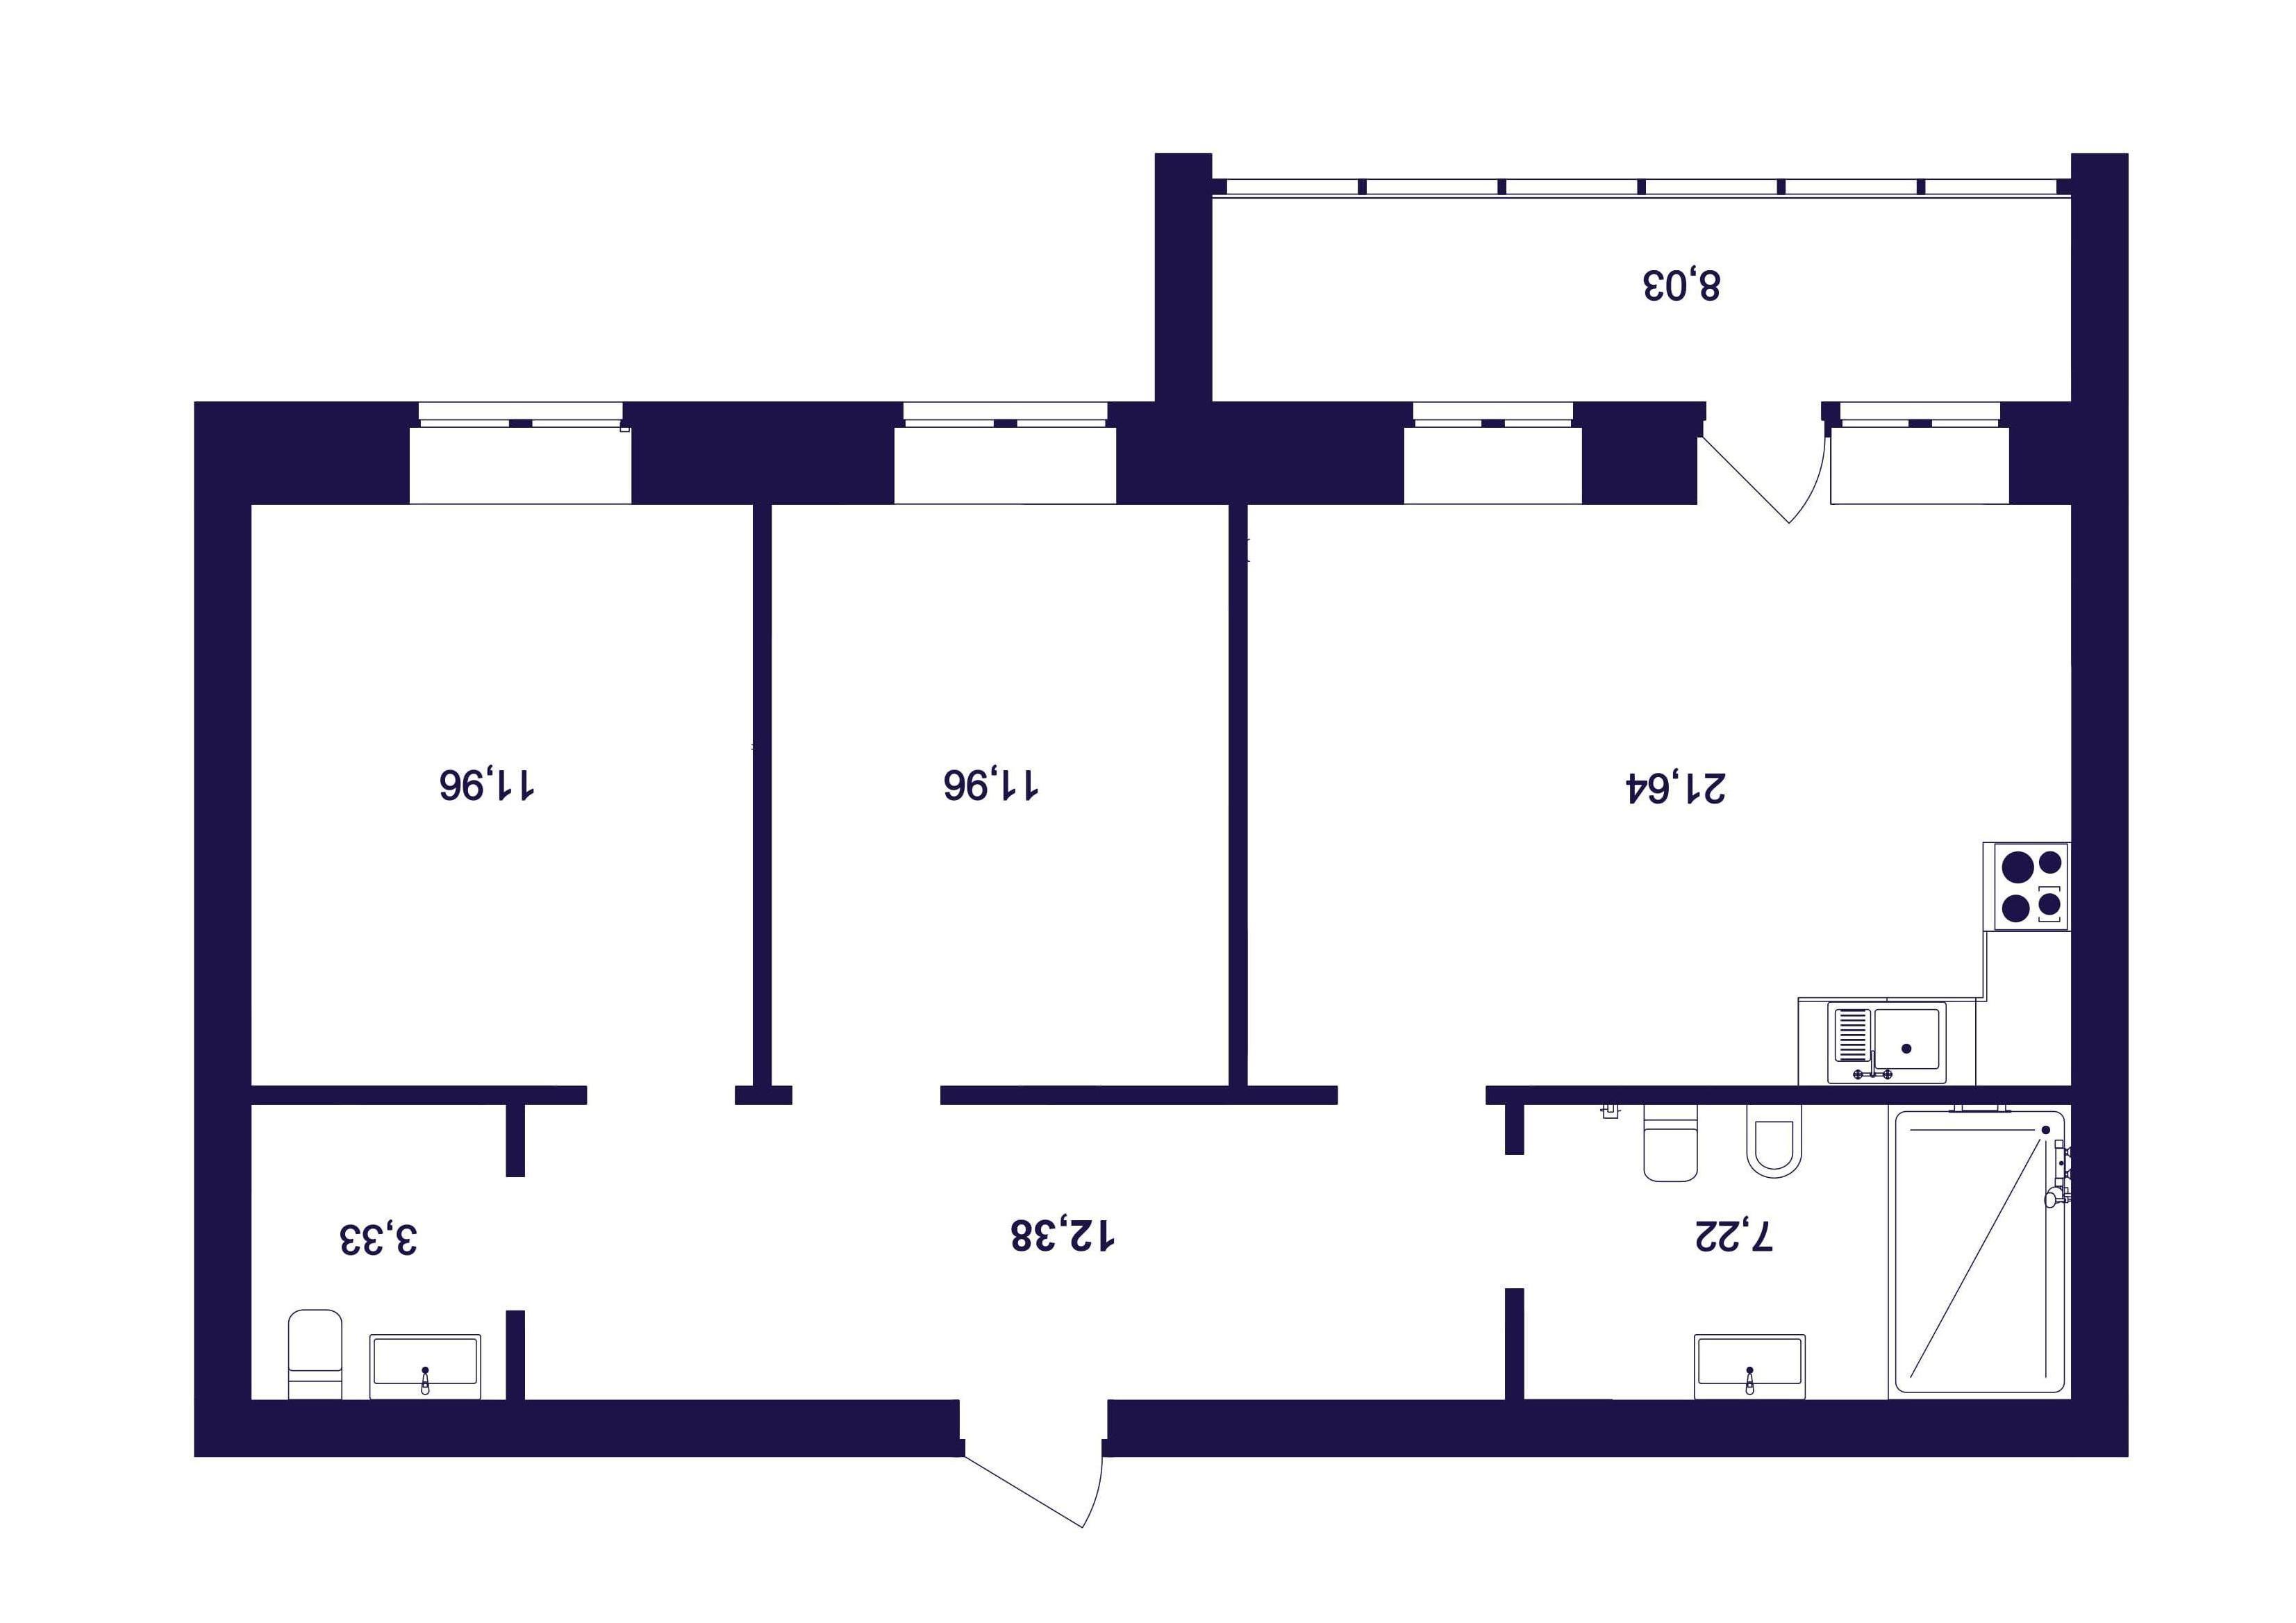 2 комнатная квартира  от застройщика,  в Заречном 5 мкрн., ул. Тимофея Кармацкого, ЖК «Ария», Тюмень